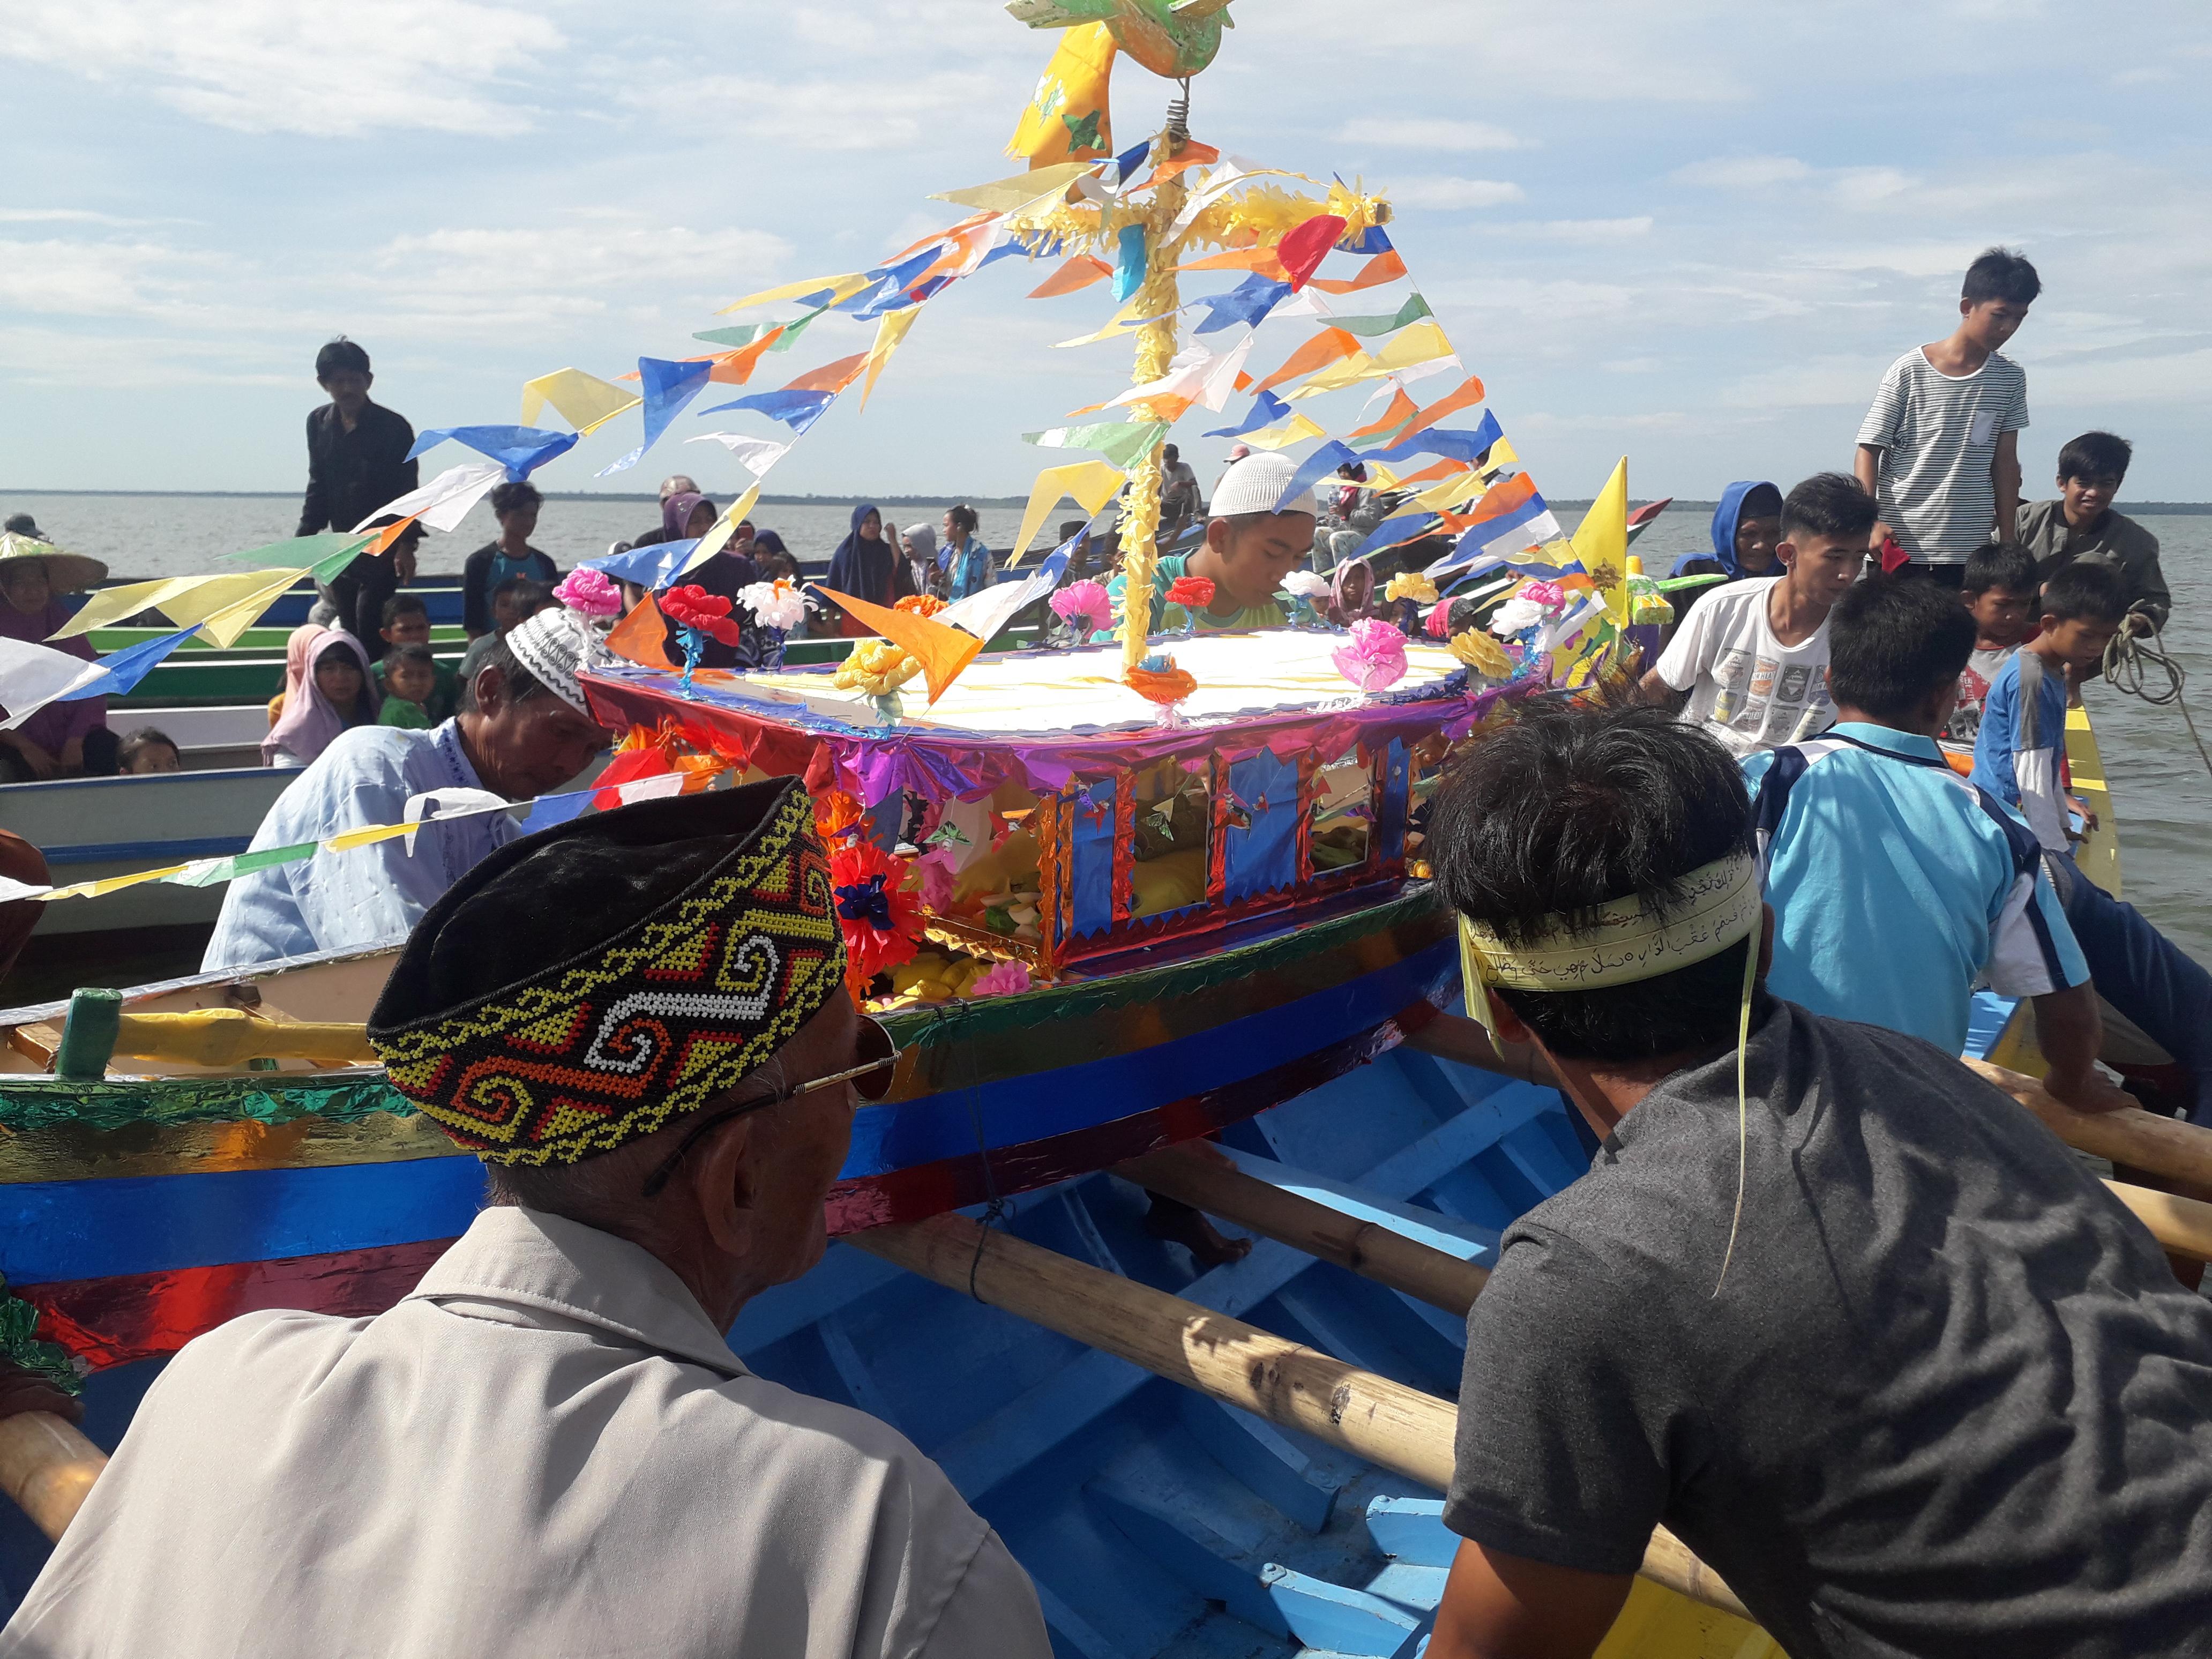 Masyarakat Nunukan Gelar Ritual Mandi Syafar Sebagai Bentuk Syukur Kepada Tuhan